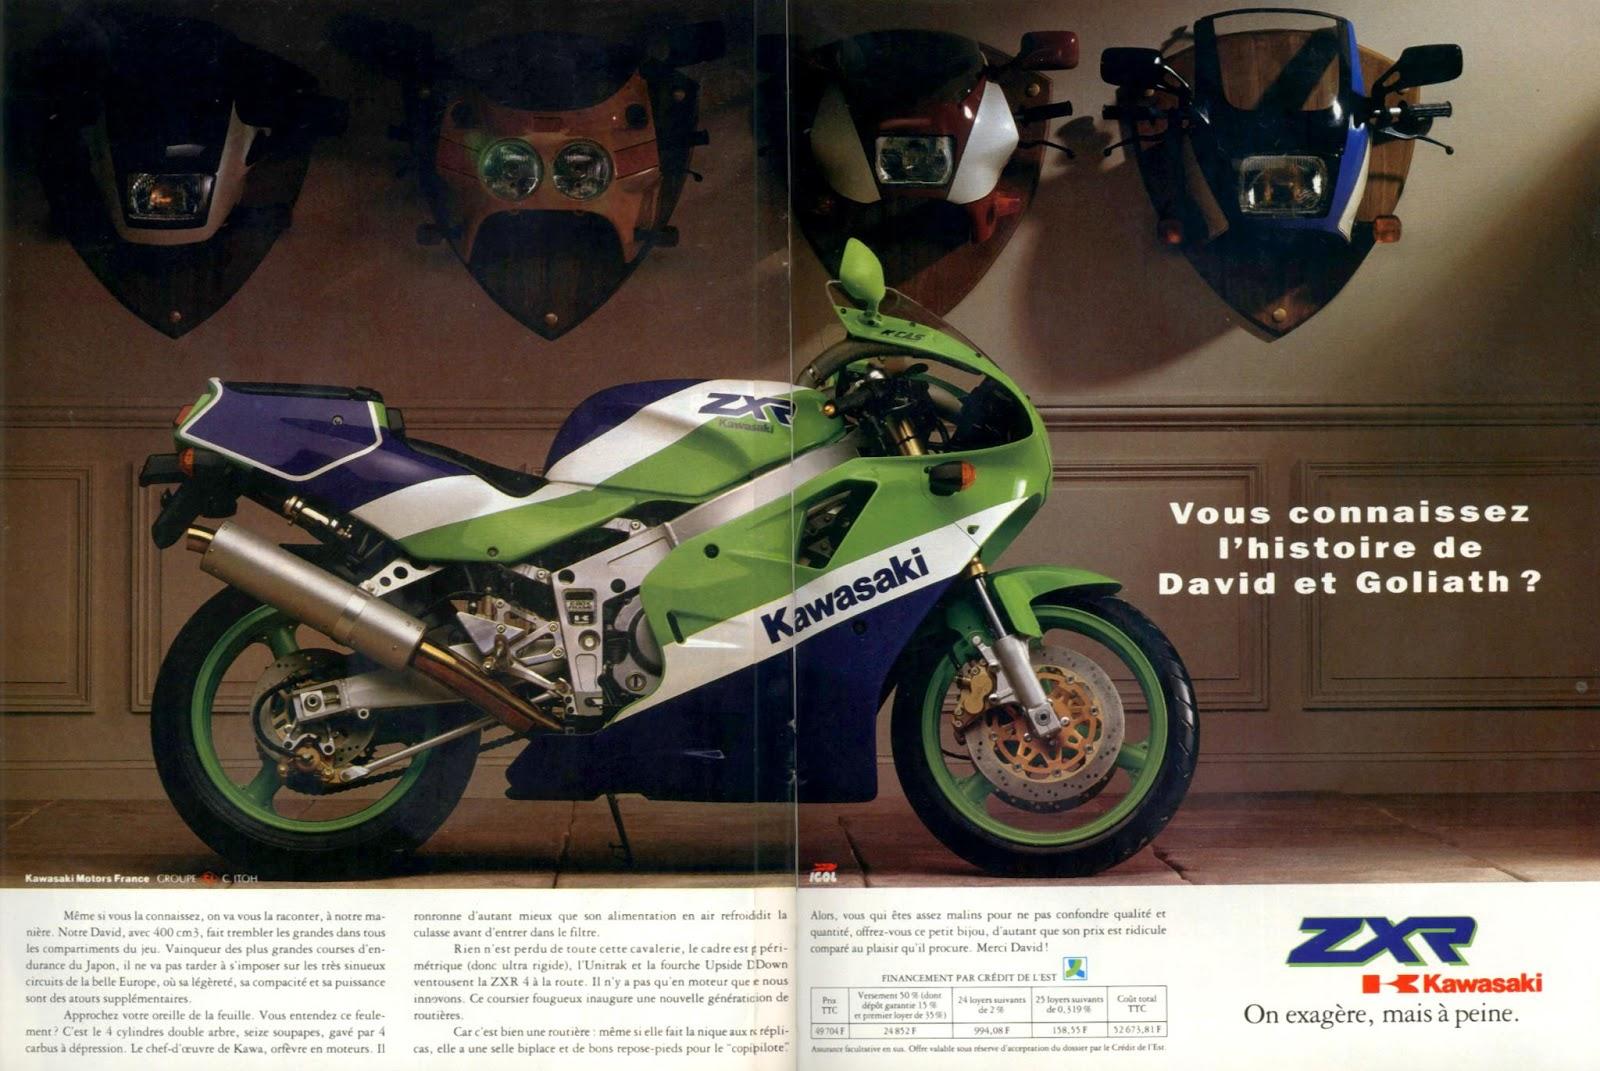 Superdeportivas japonesas de 400cc: Pequeñas maravillas [TERMINADO DE INCLUIR LAS FOTOS] Kawasaki-zzr-400-1989-moto